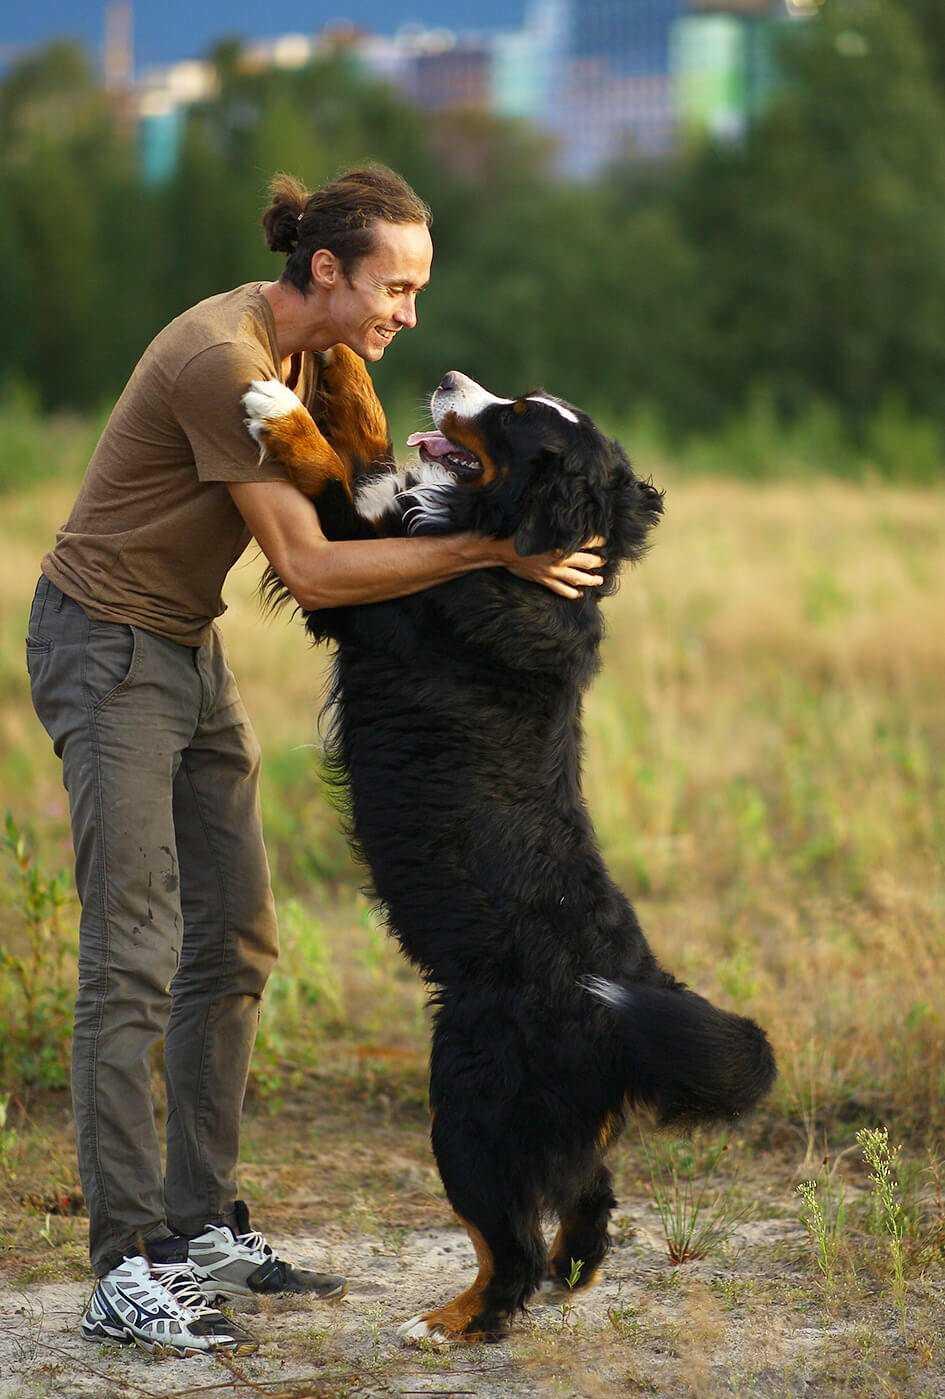 Sont-ils protégés par des chiens de montagne à Berne?